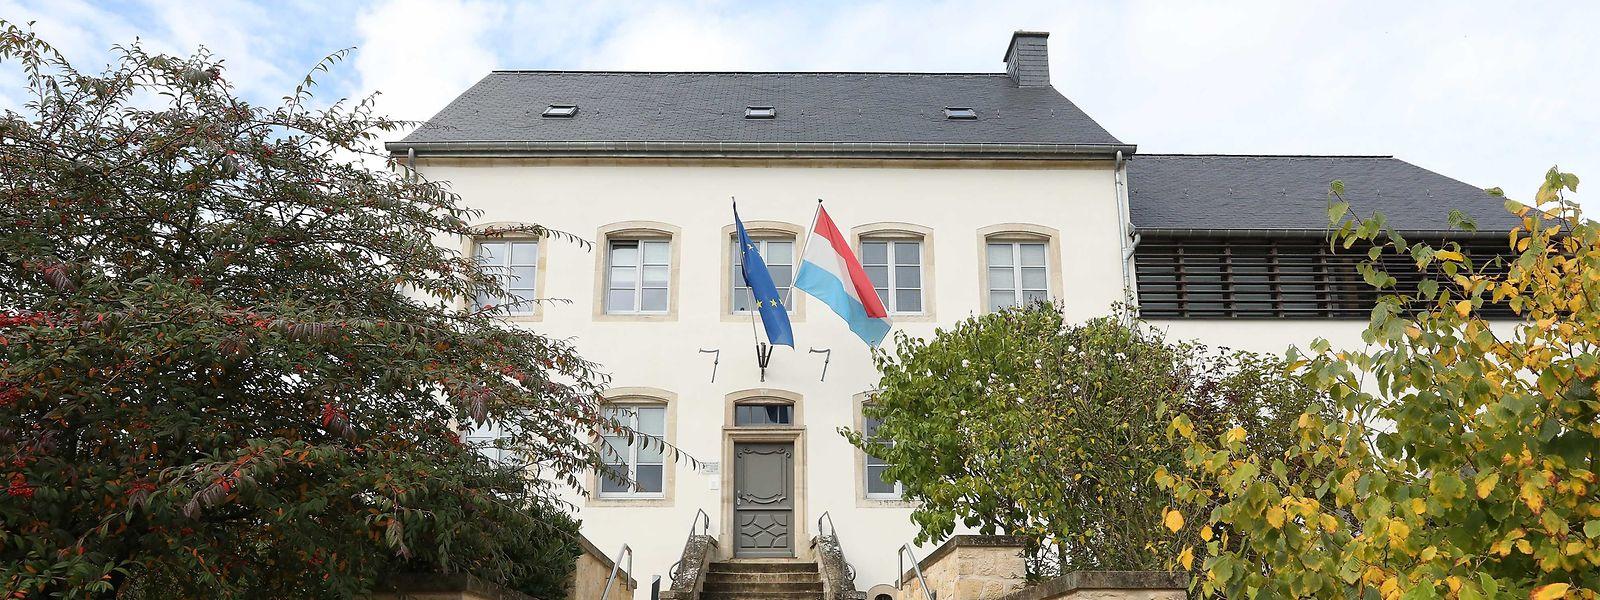 In das Rathaus in Tüntingen könnte nun wieder Ruhe einkehren.